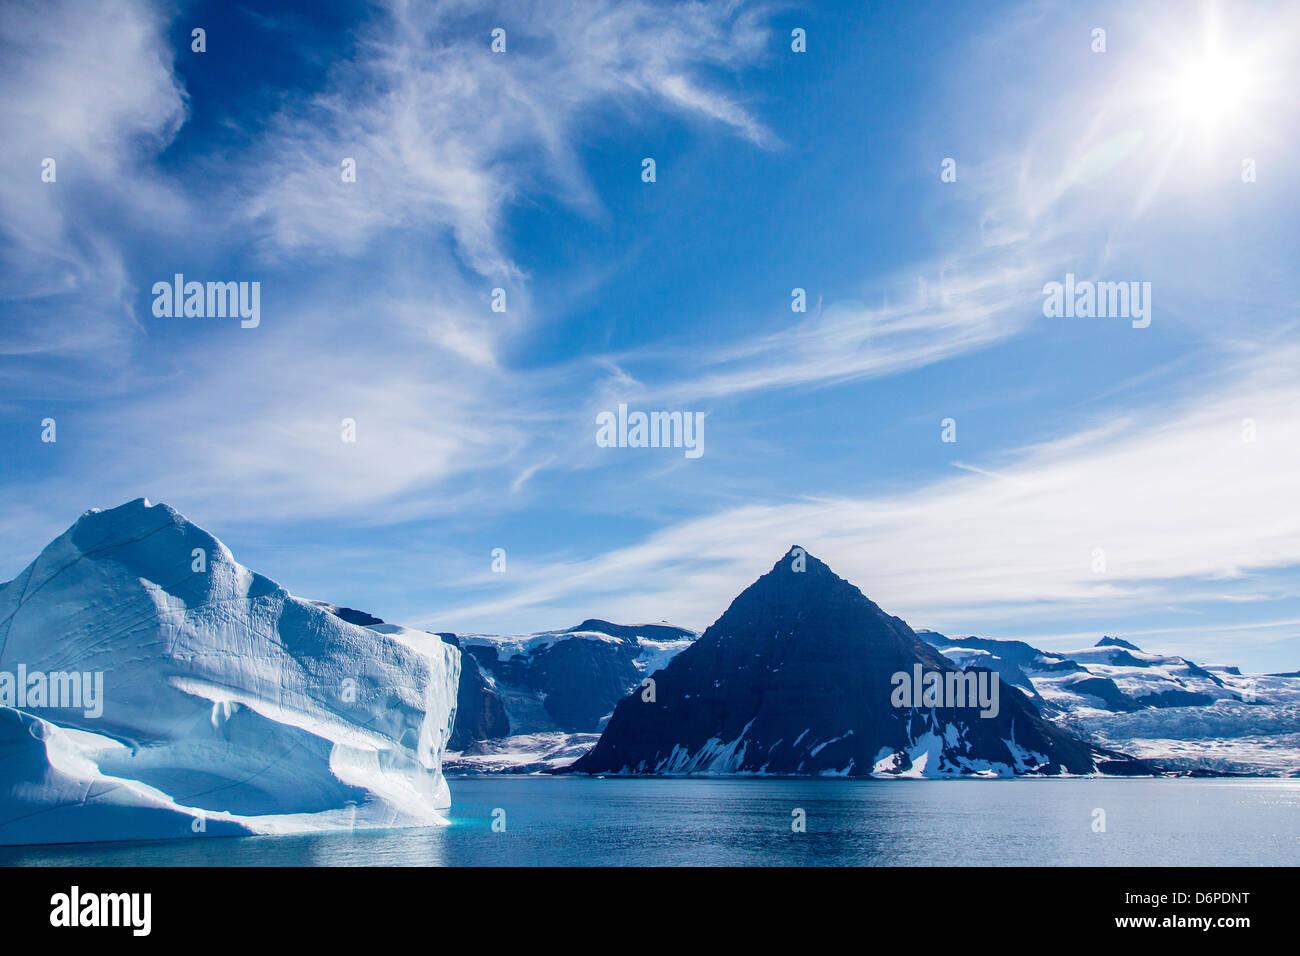 Enormi iceberg, Scoresbysund, a nord-est della Groenlandia, regioni polari Immagini Stock